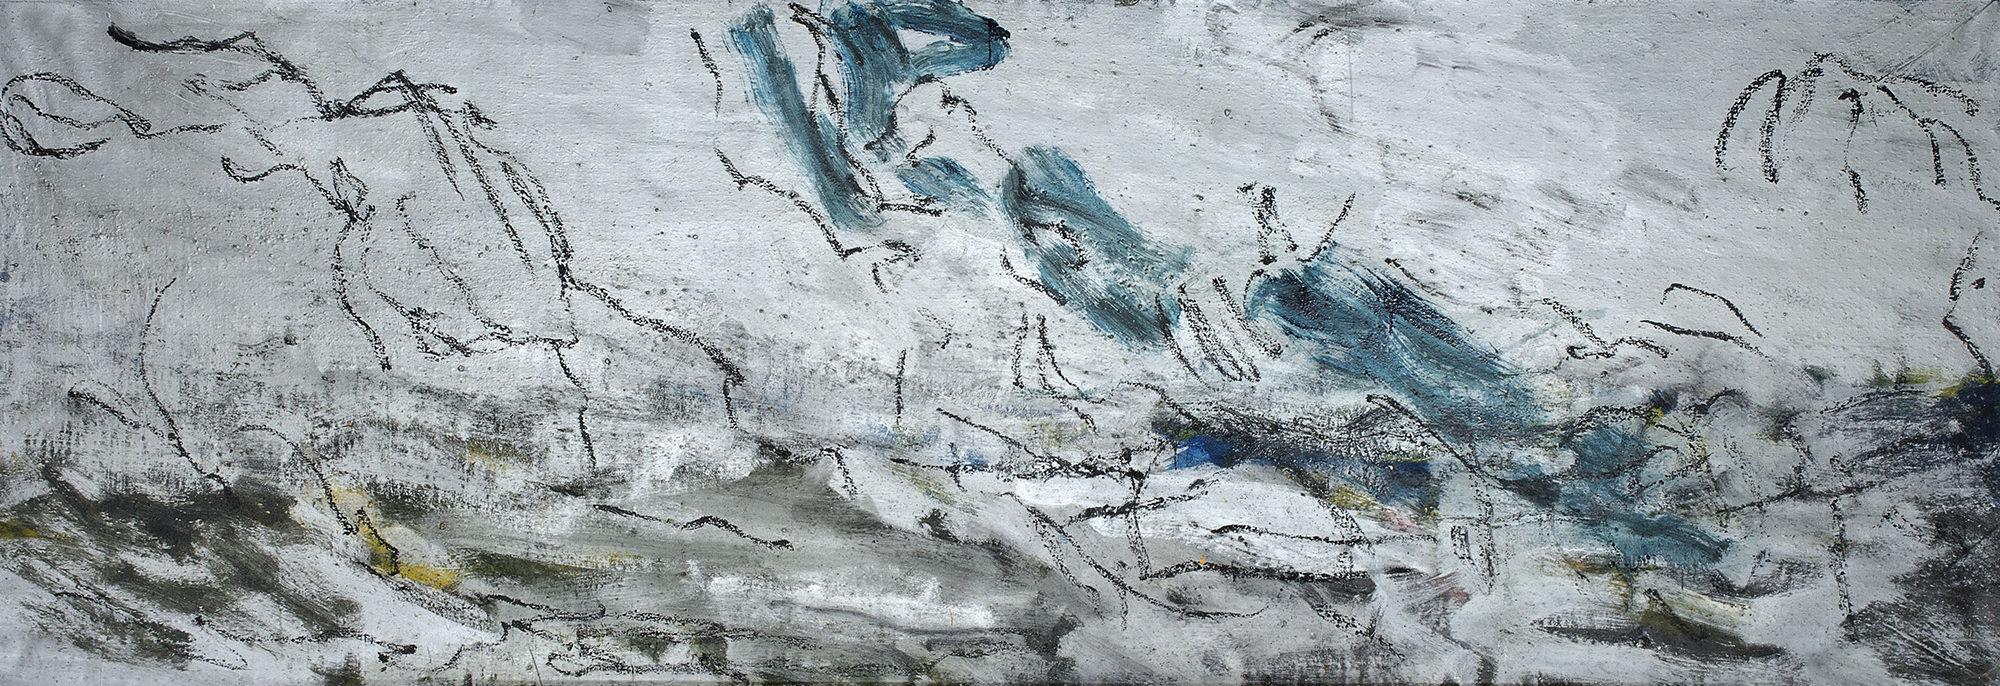 La campagne avec le ciel, 2006, acrylique sur toile, 125 x 371 cm. (Photo © A.Morain)